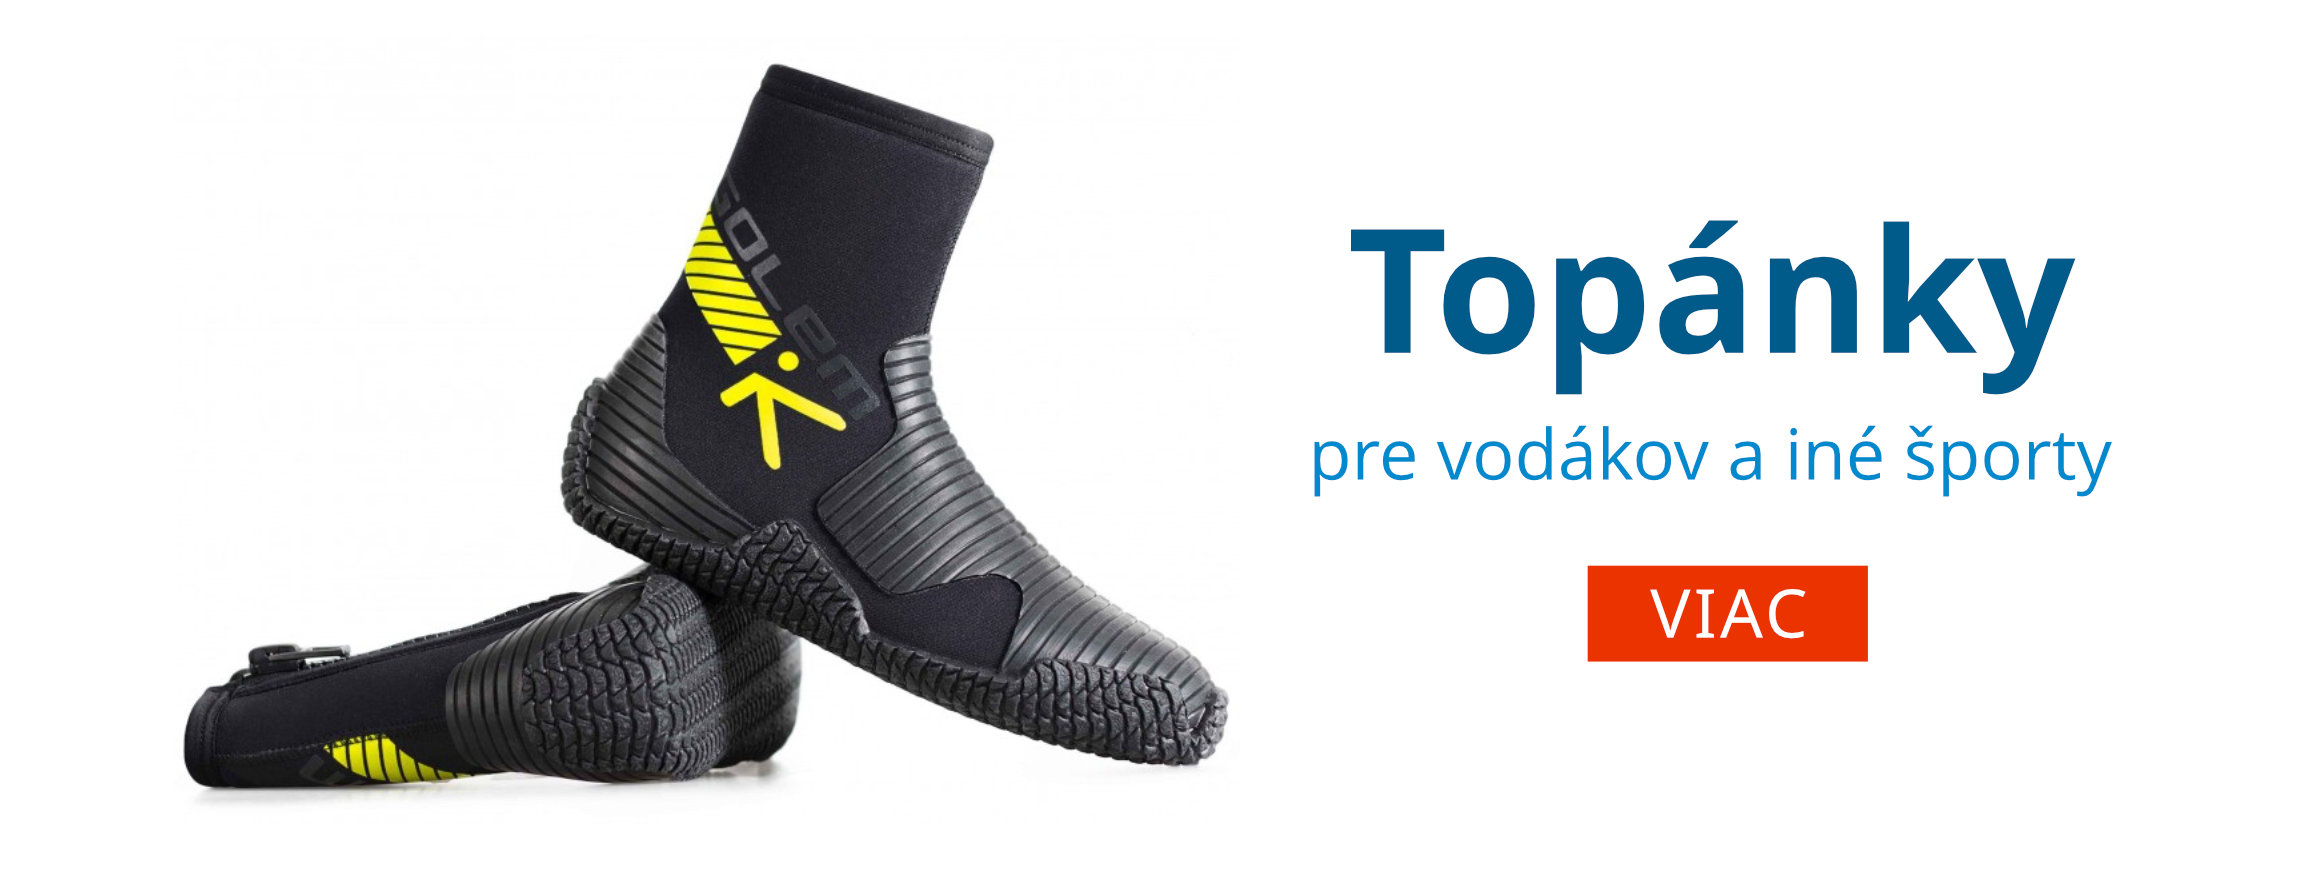 Topánky pre vodákov a rôzne iné športy